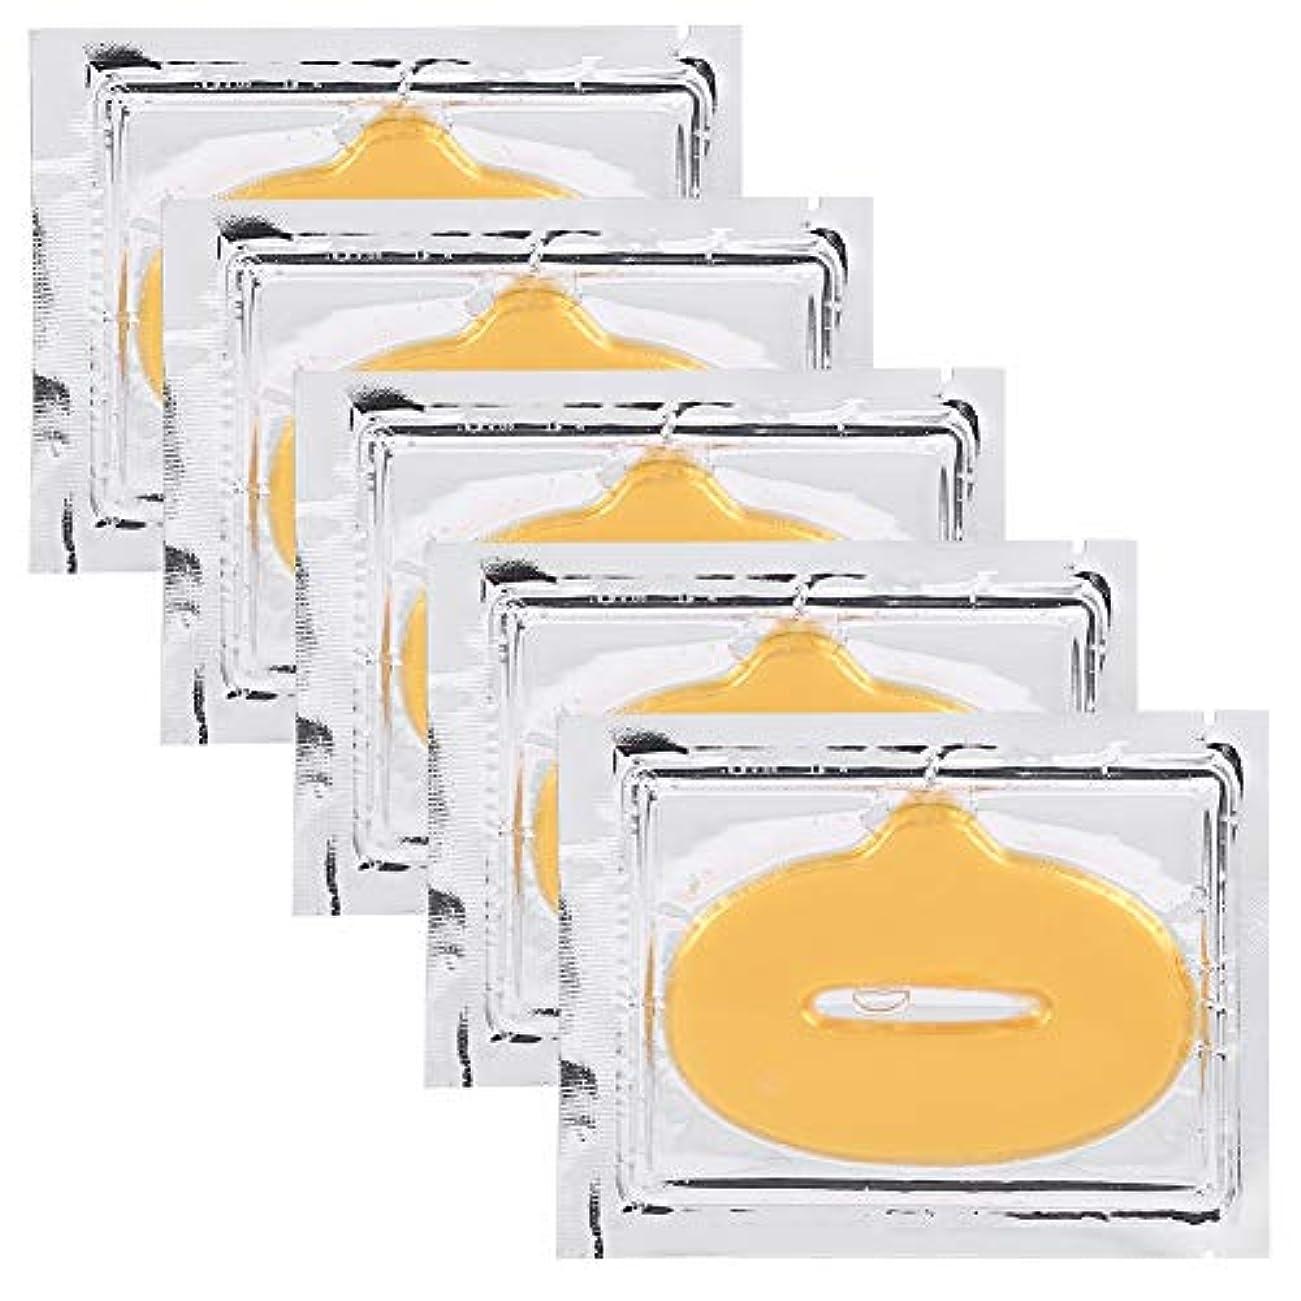 母害虫透明にリップモイスチャー5個/セットコラーゲンクリスタルリップフィルムカバーアンチエイジングモイスチャーエッセンス剥離メンブレン